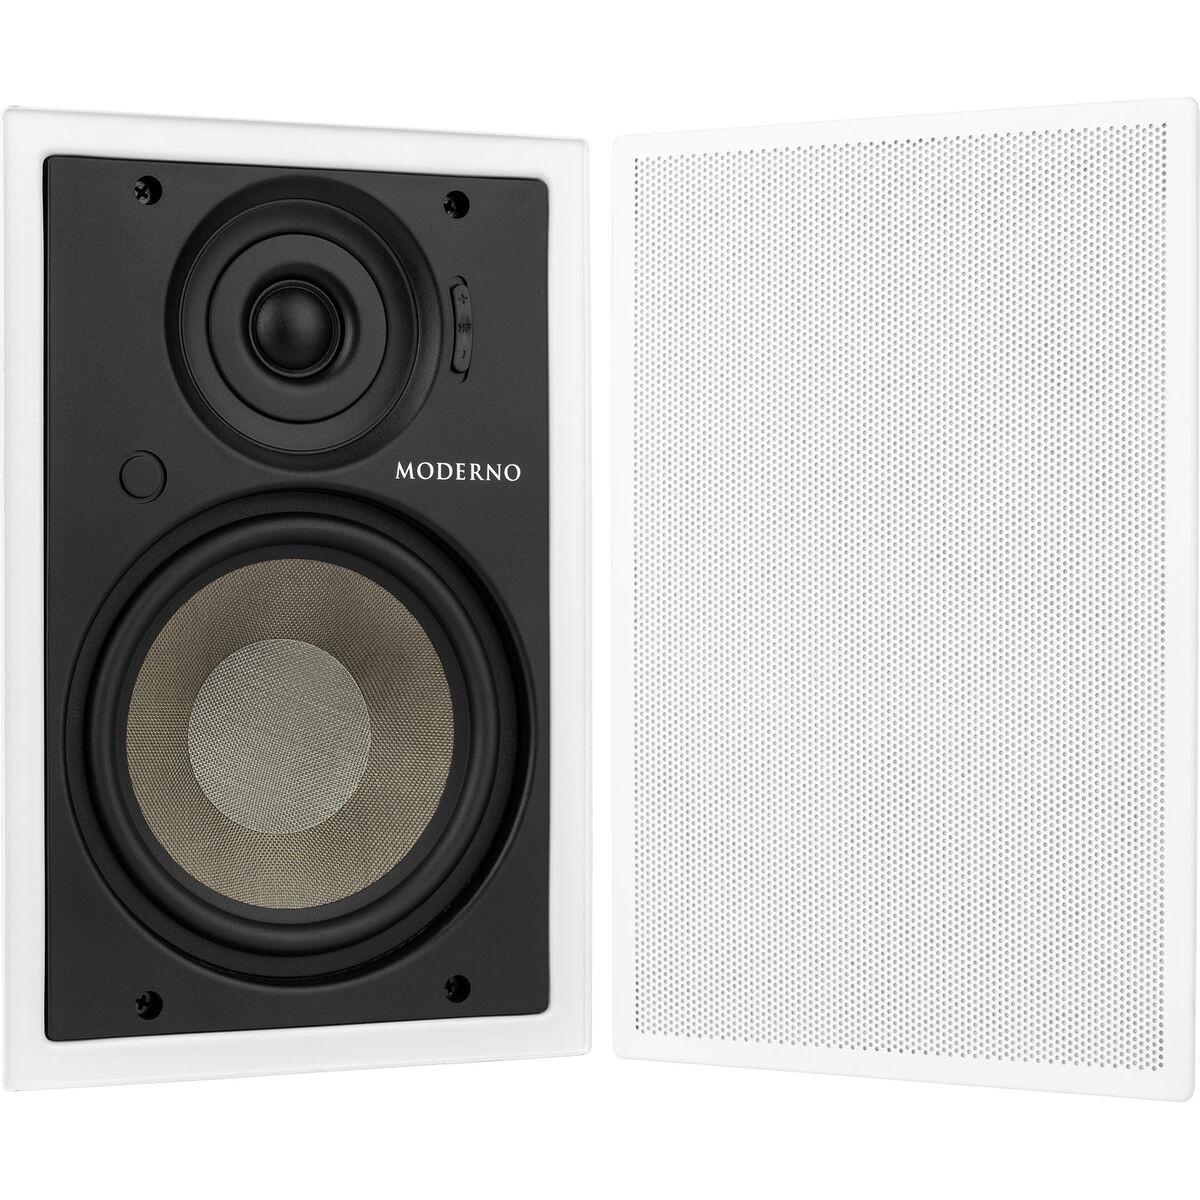 Moderno M6 6 1 2 In Wall Speaker Pair